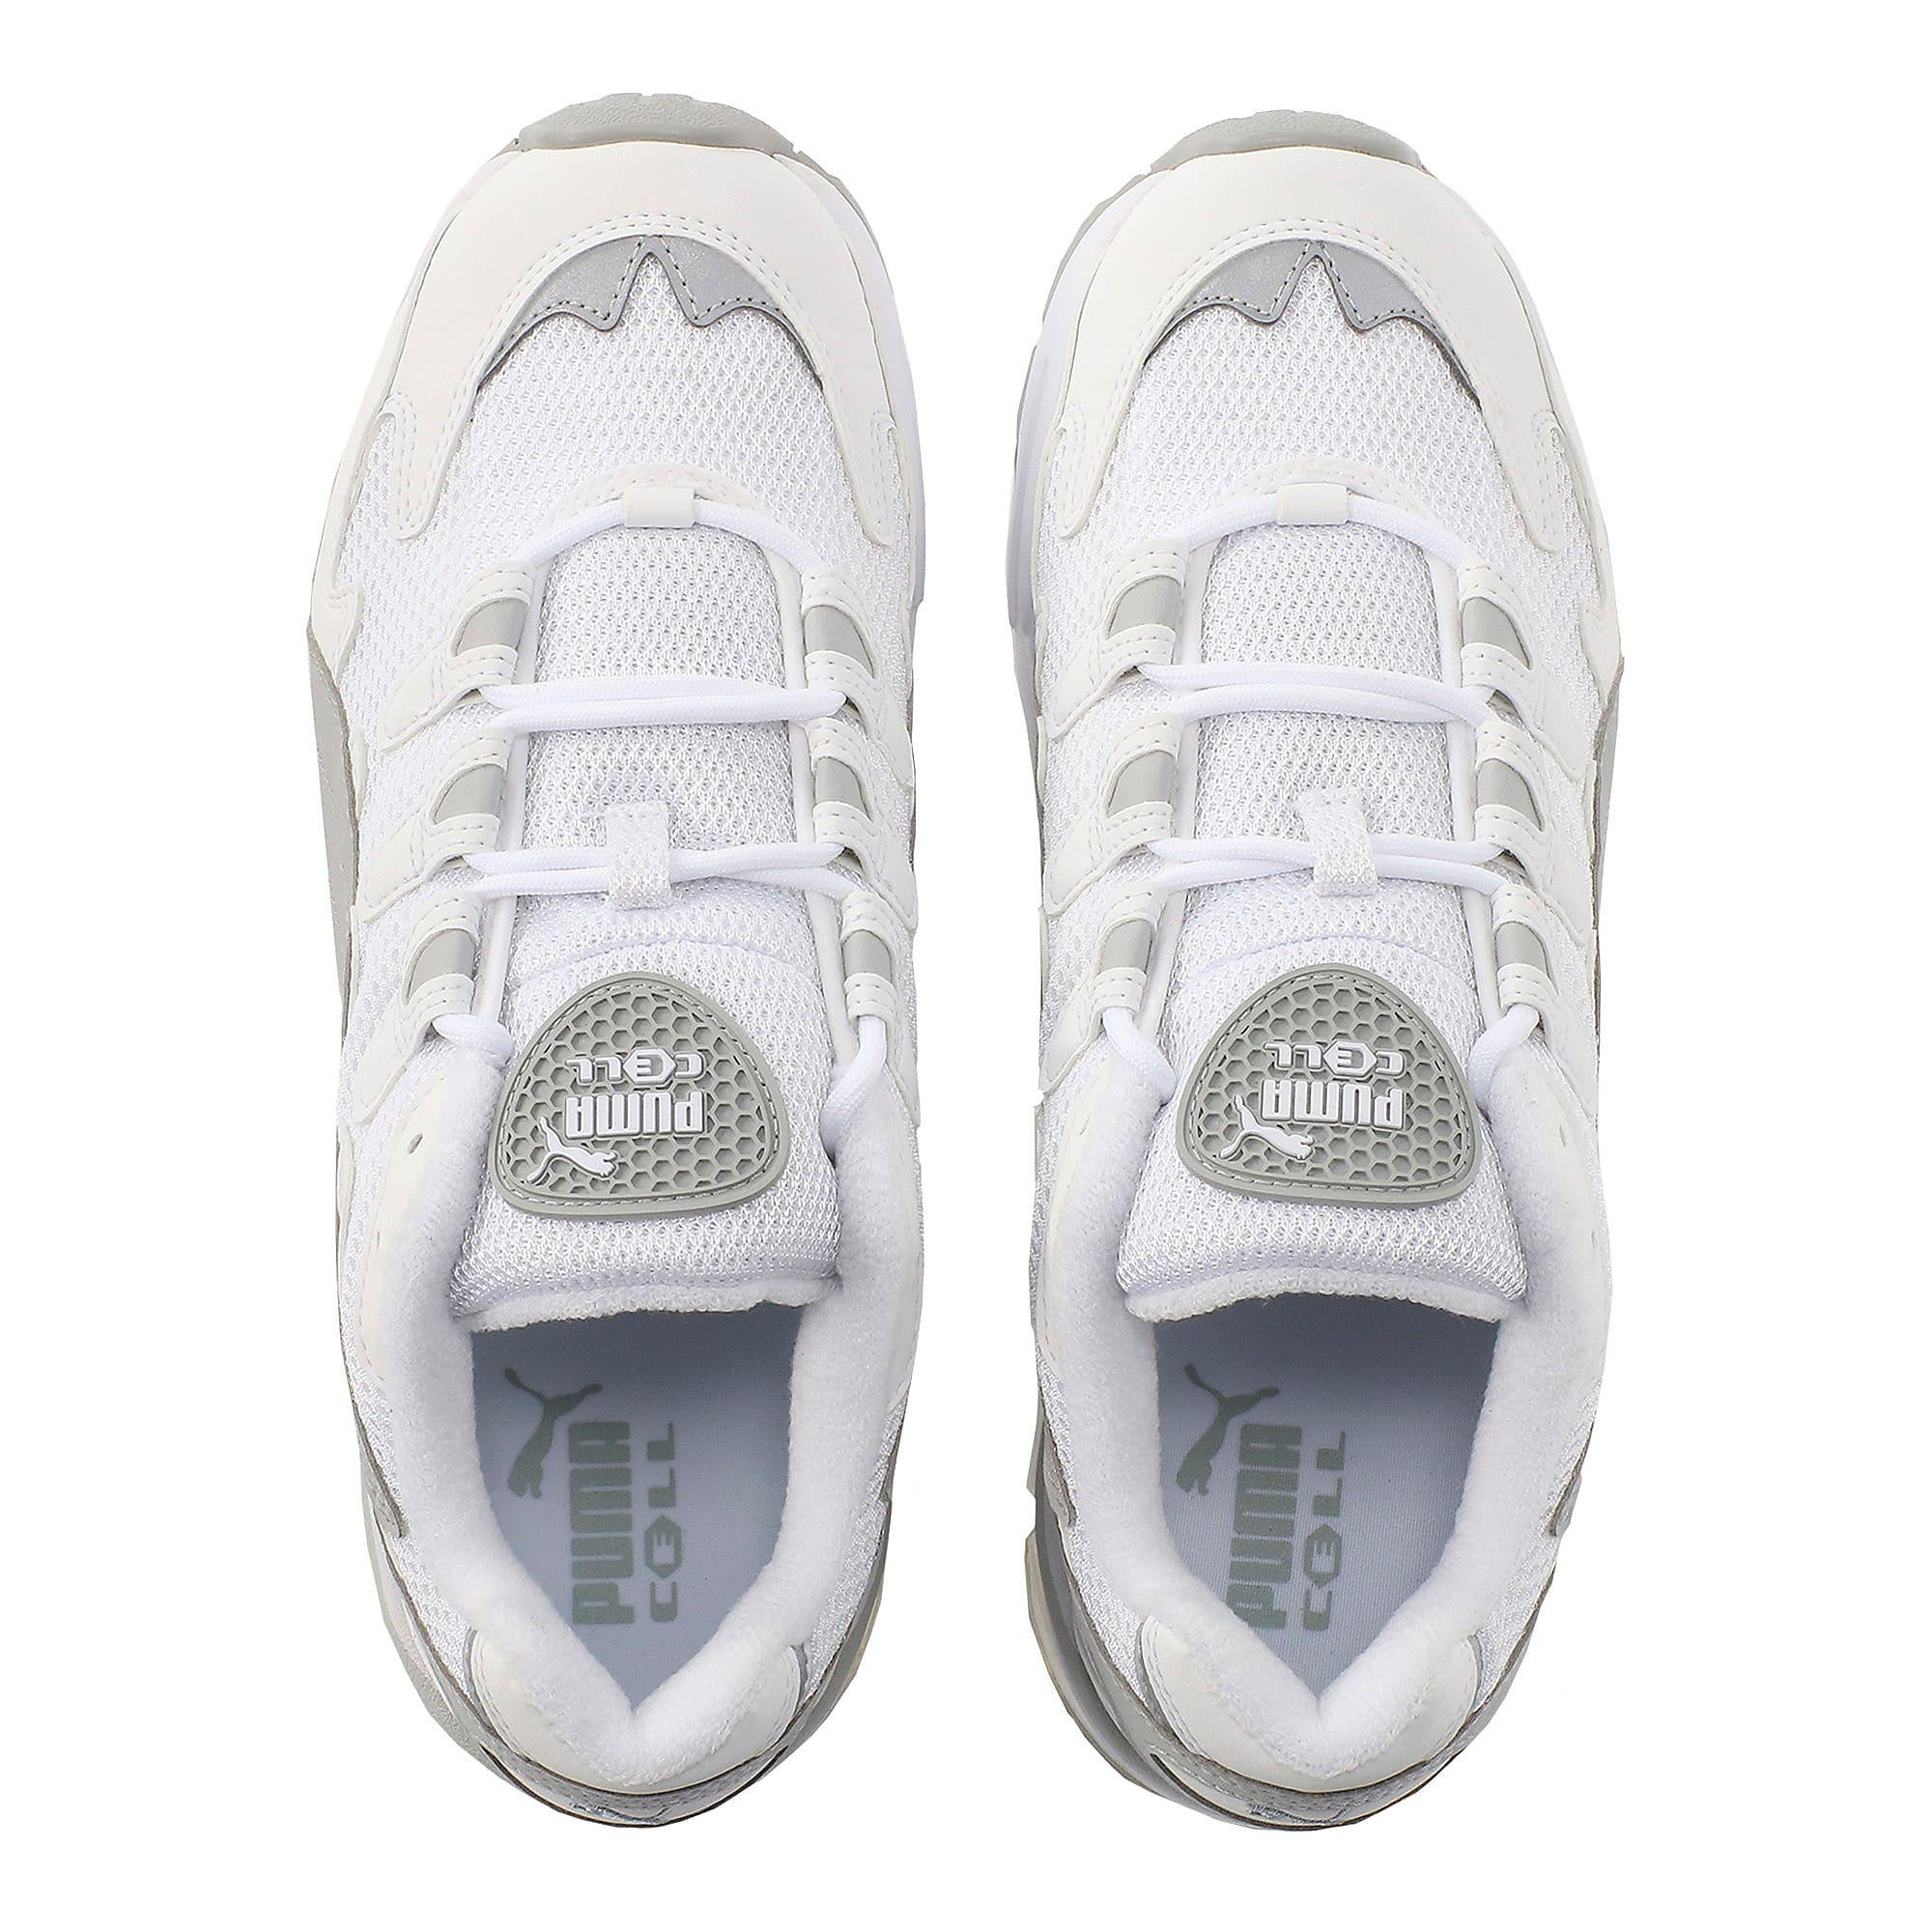 Thumbnail 6 of CELL Alien OG Sneakers, Puma White-High Rise, medium